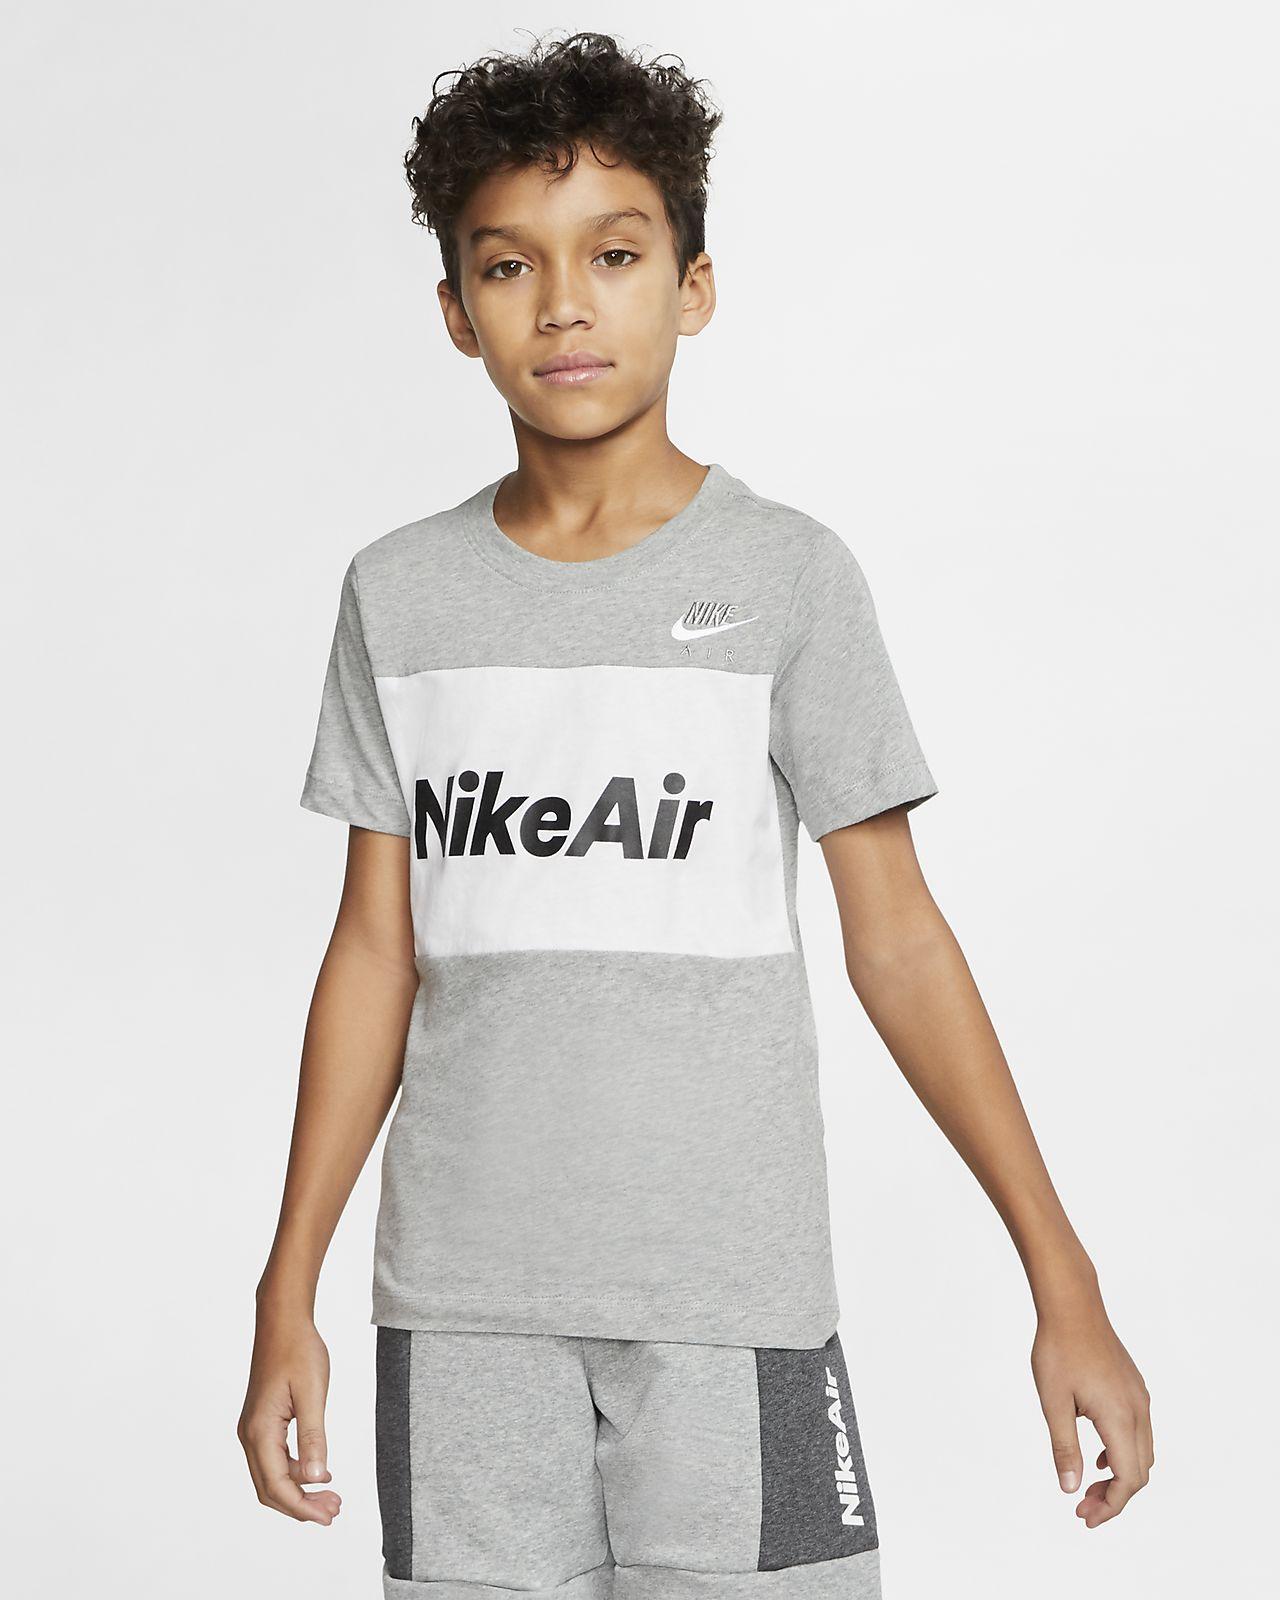 tee shirt nike air gris enfant